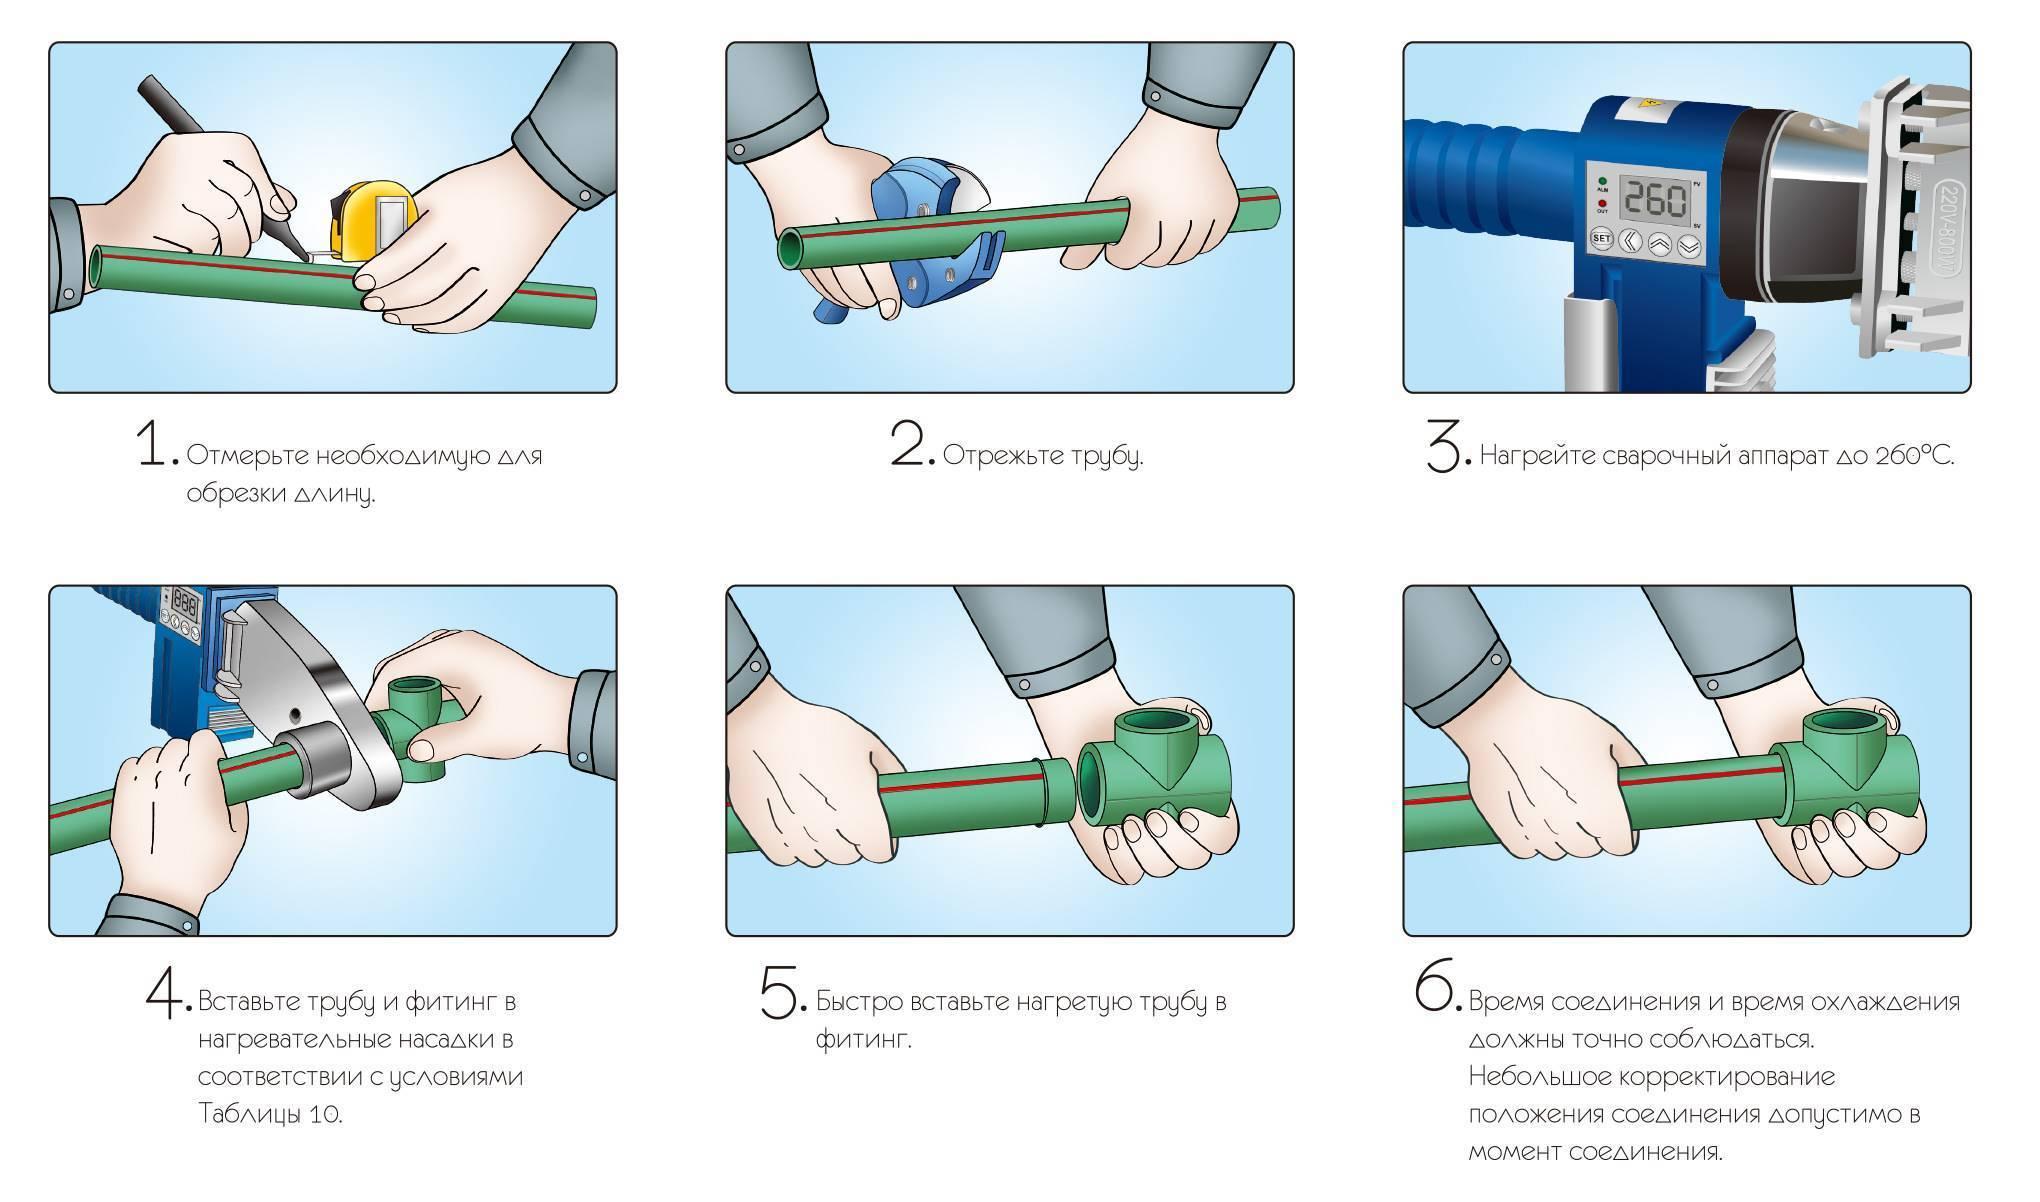 Устройство и принцип работы клиновой и шиберной задвижек | задвижки с выдвижным и невыдвижным шпинделем, оснащенные электроприводом